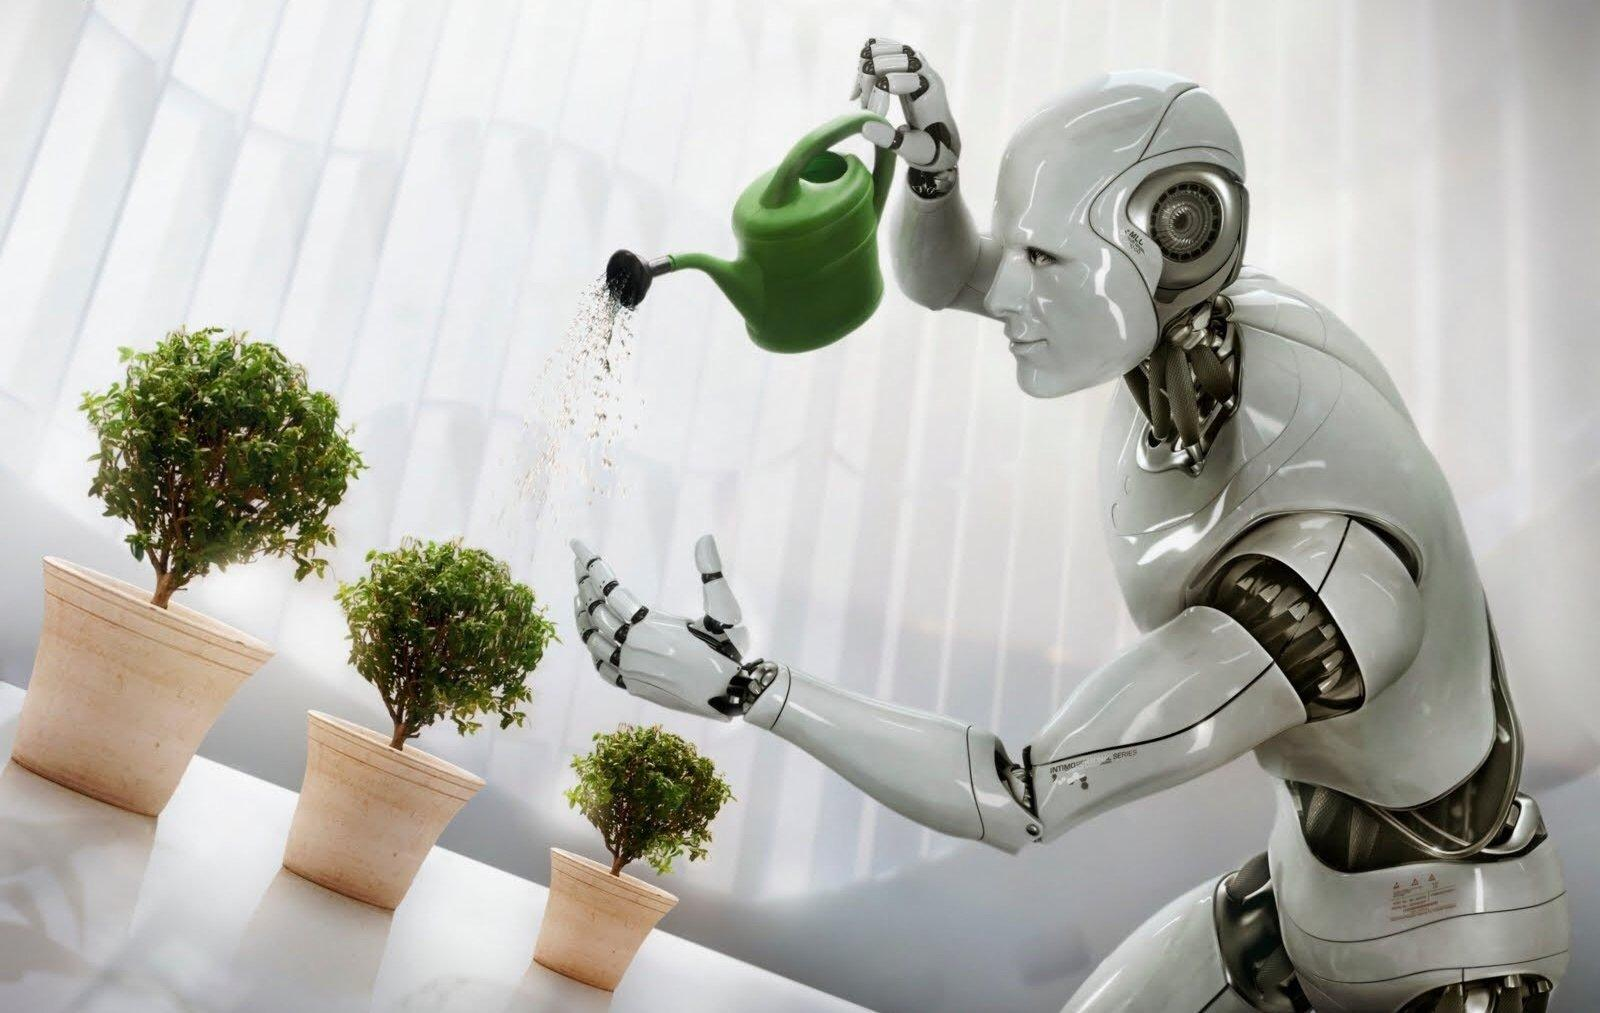 Tre mesi fa Alibaba ha aperto un magazzino gestito da robot. Dice che lavorano 3 volte meglio dell'uomo